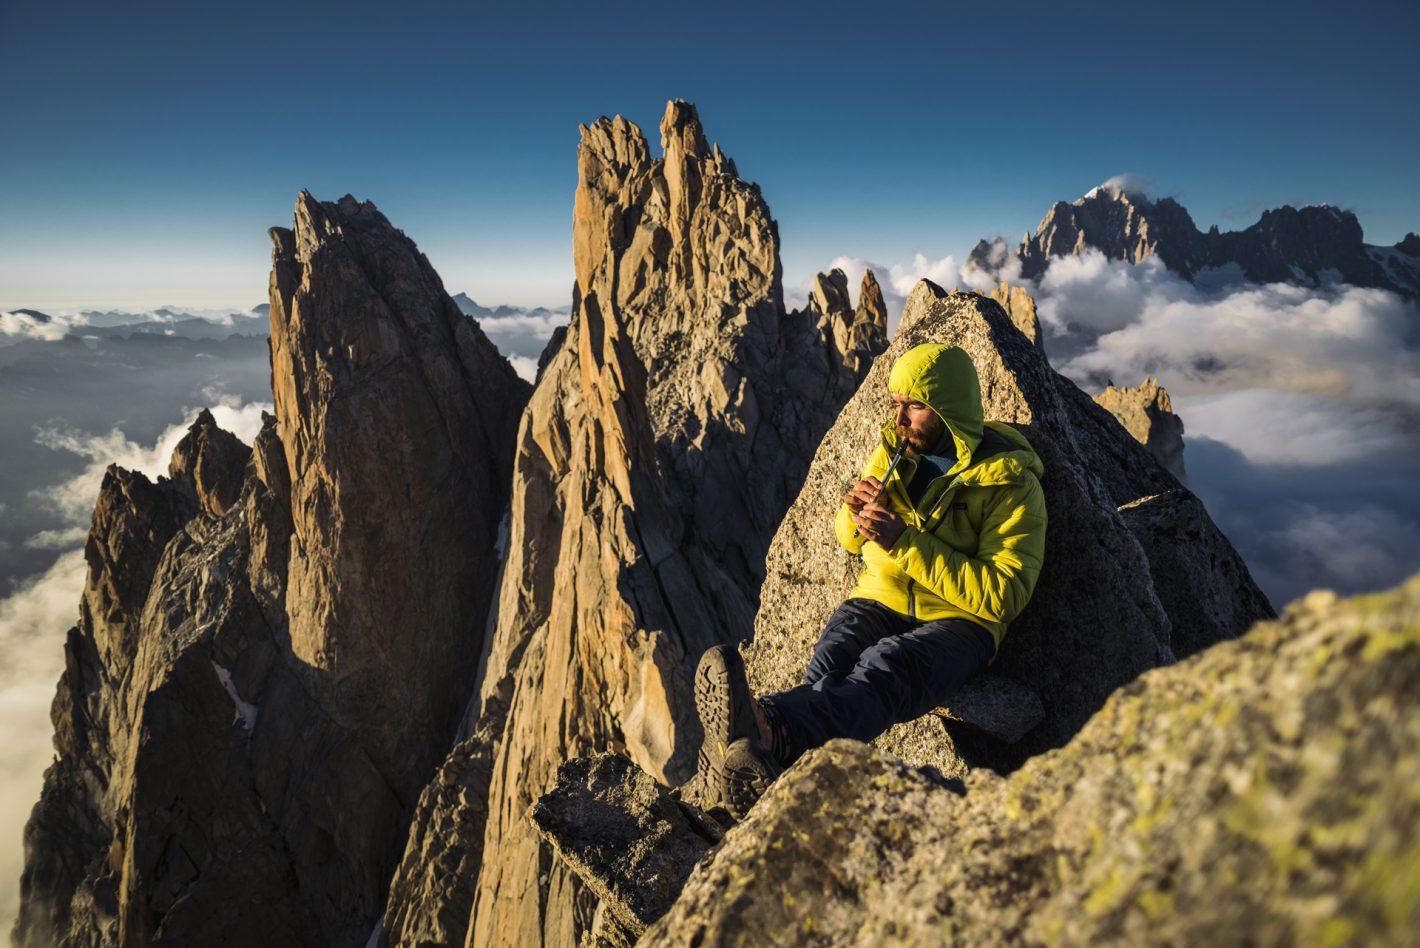 Allez plus haut avec le photographe Marc Daviet